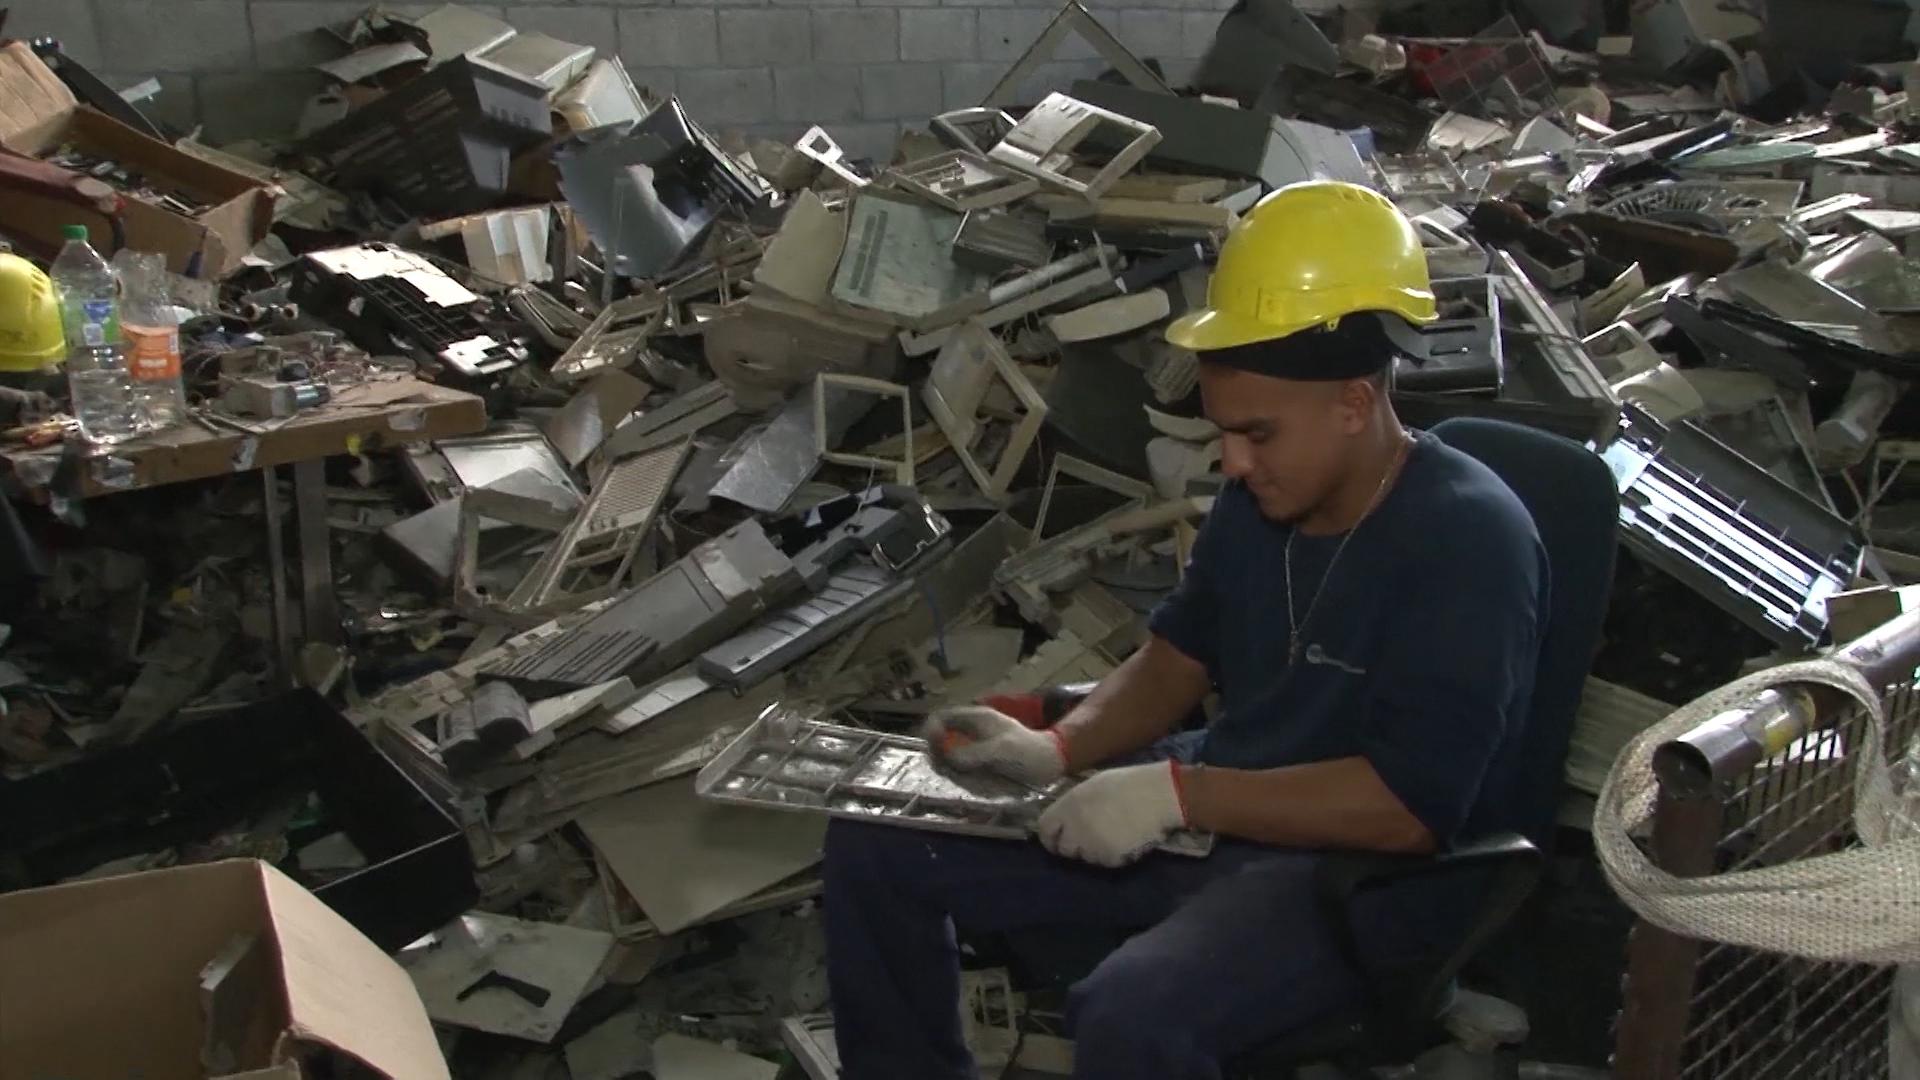 La separación de los componenteselectrónicos que tiene la basura se hace en forma manual